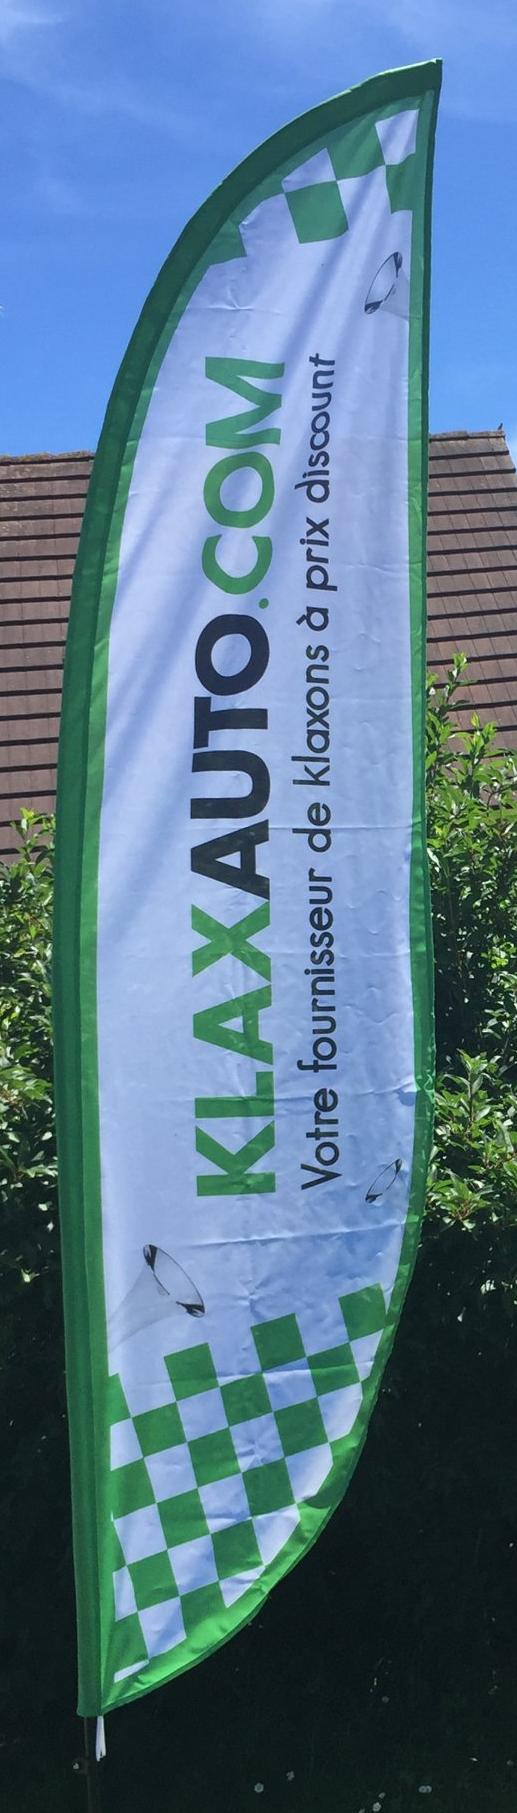 sponsor klaxauto